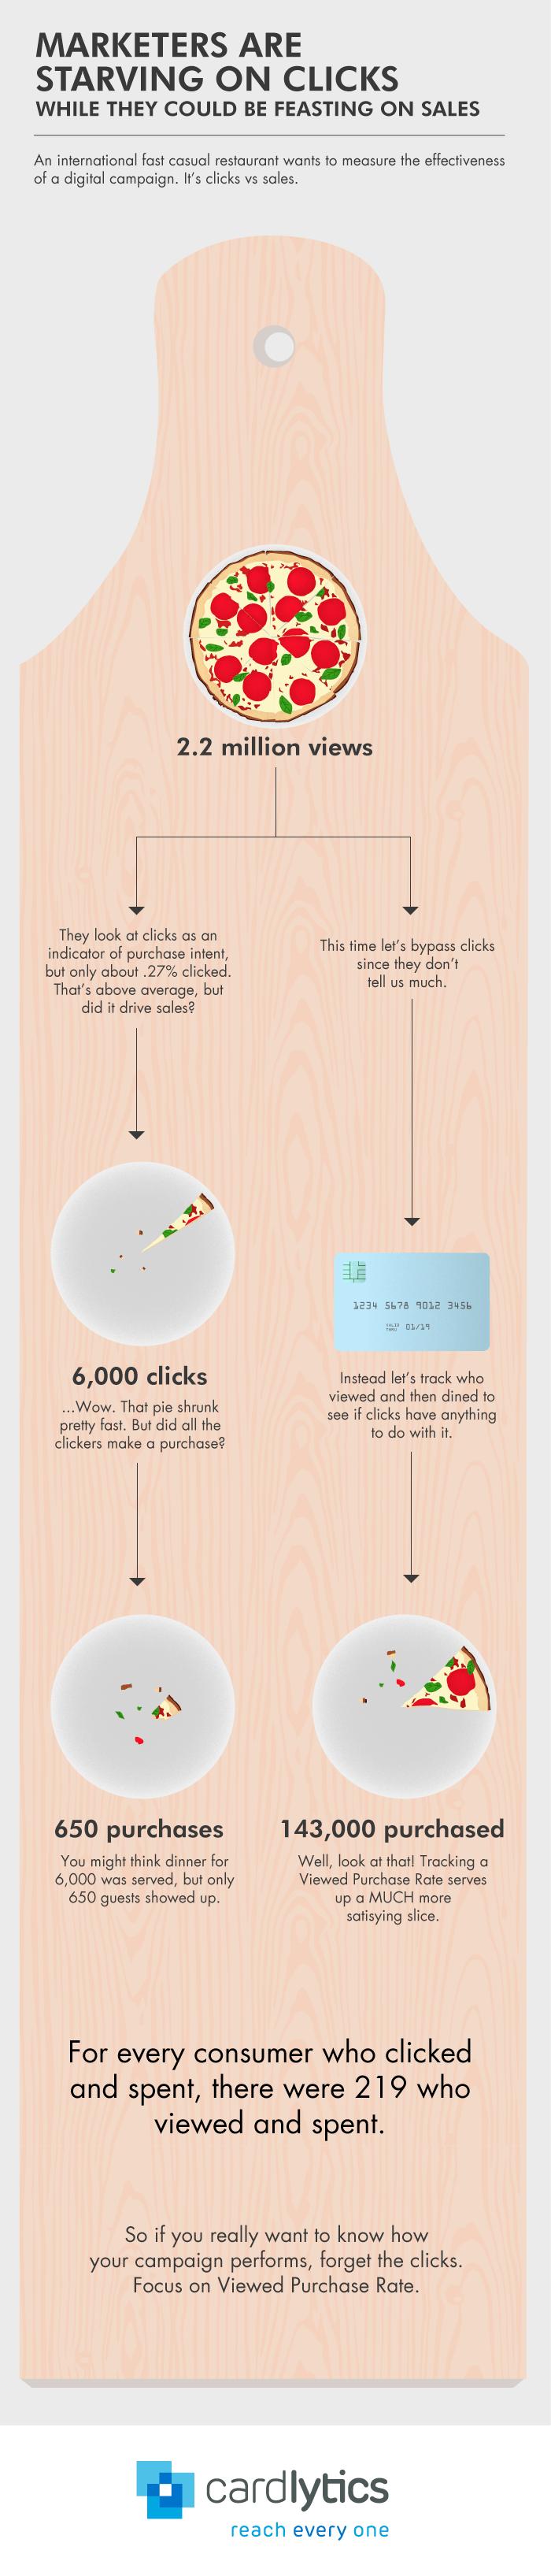 cardlytics_infographic-V5-1